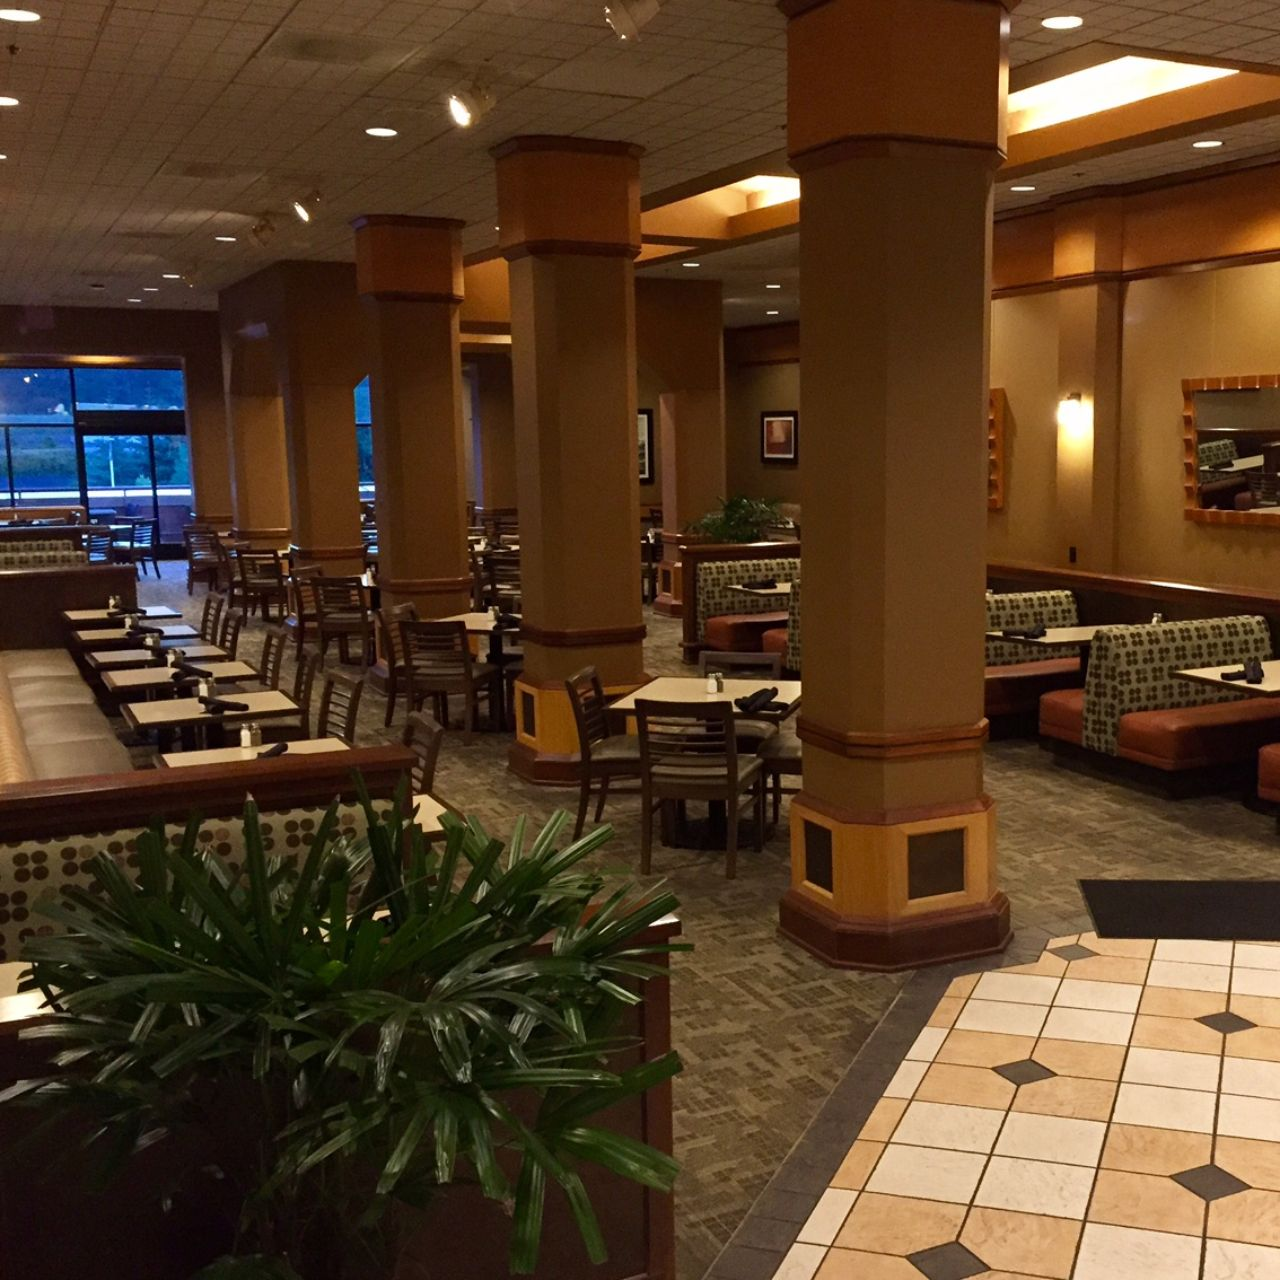 nordstrom southcenter restaurant